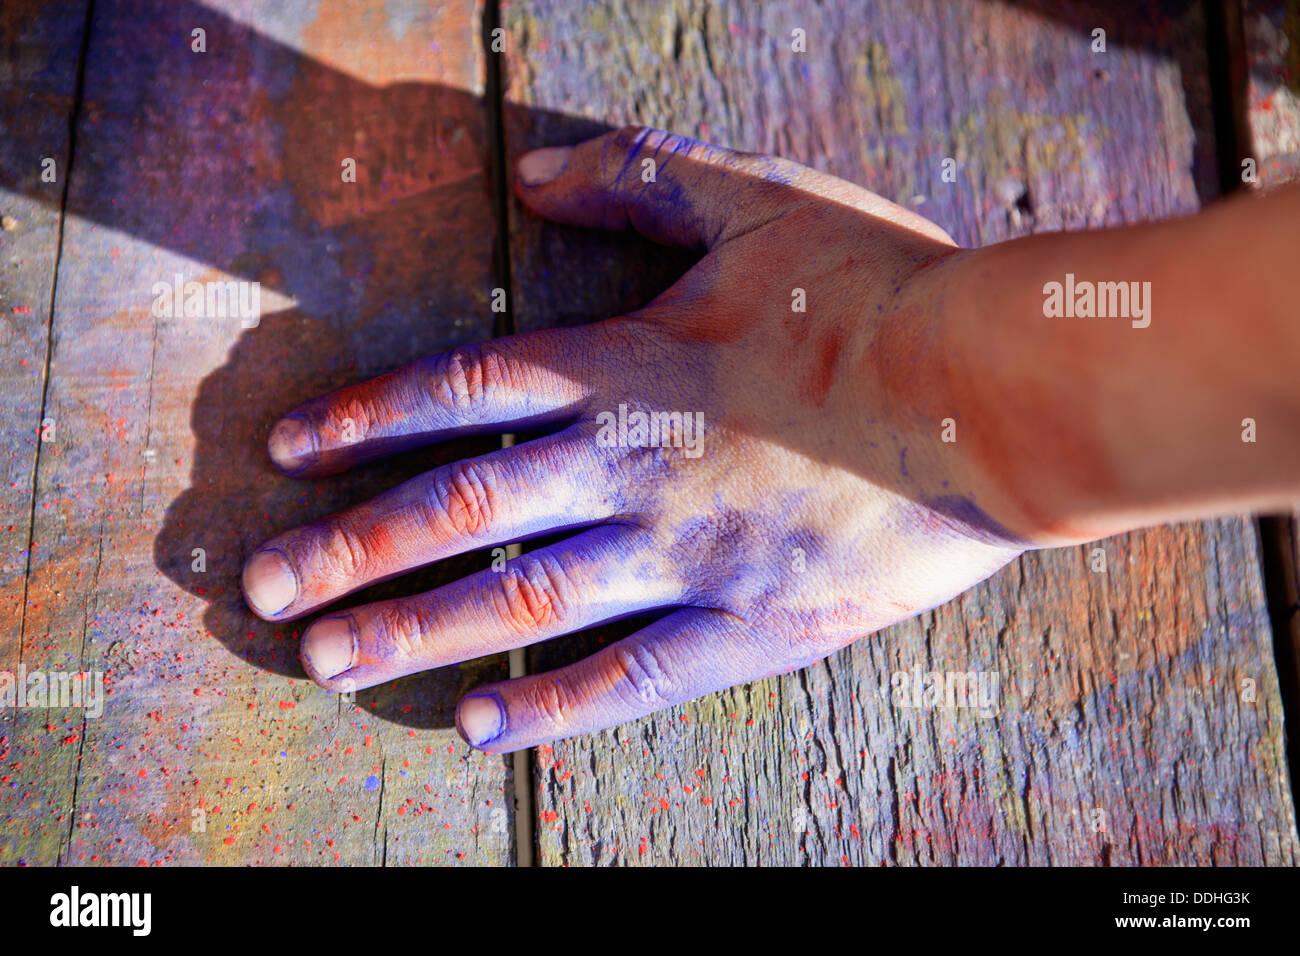 In Germania, in Renania settentrionale-Vestfalia, Colonia, mano umana coperta con colore, close up Immagini Stock